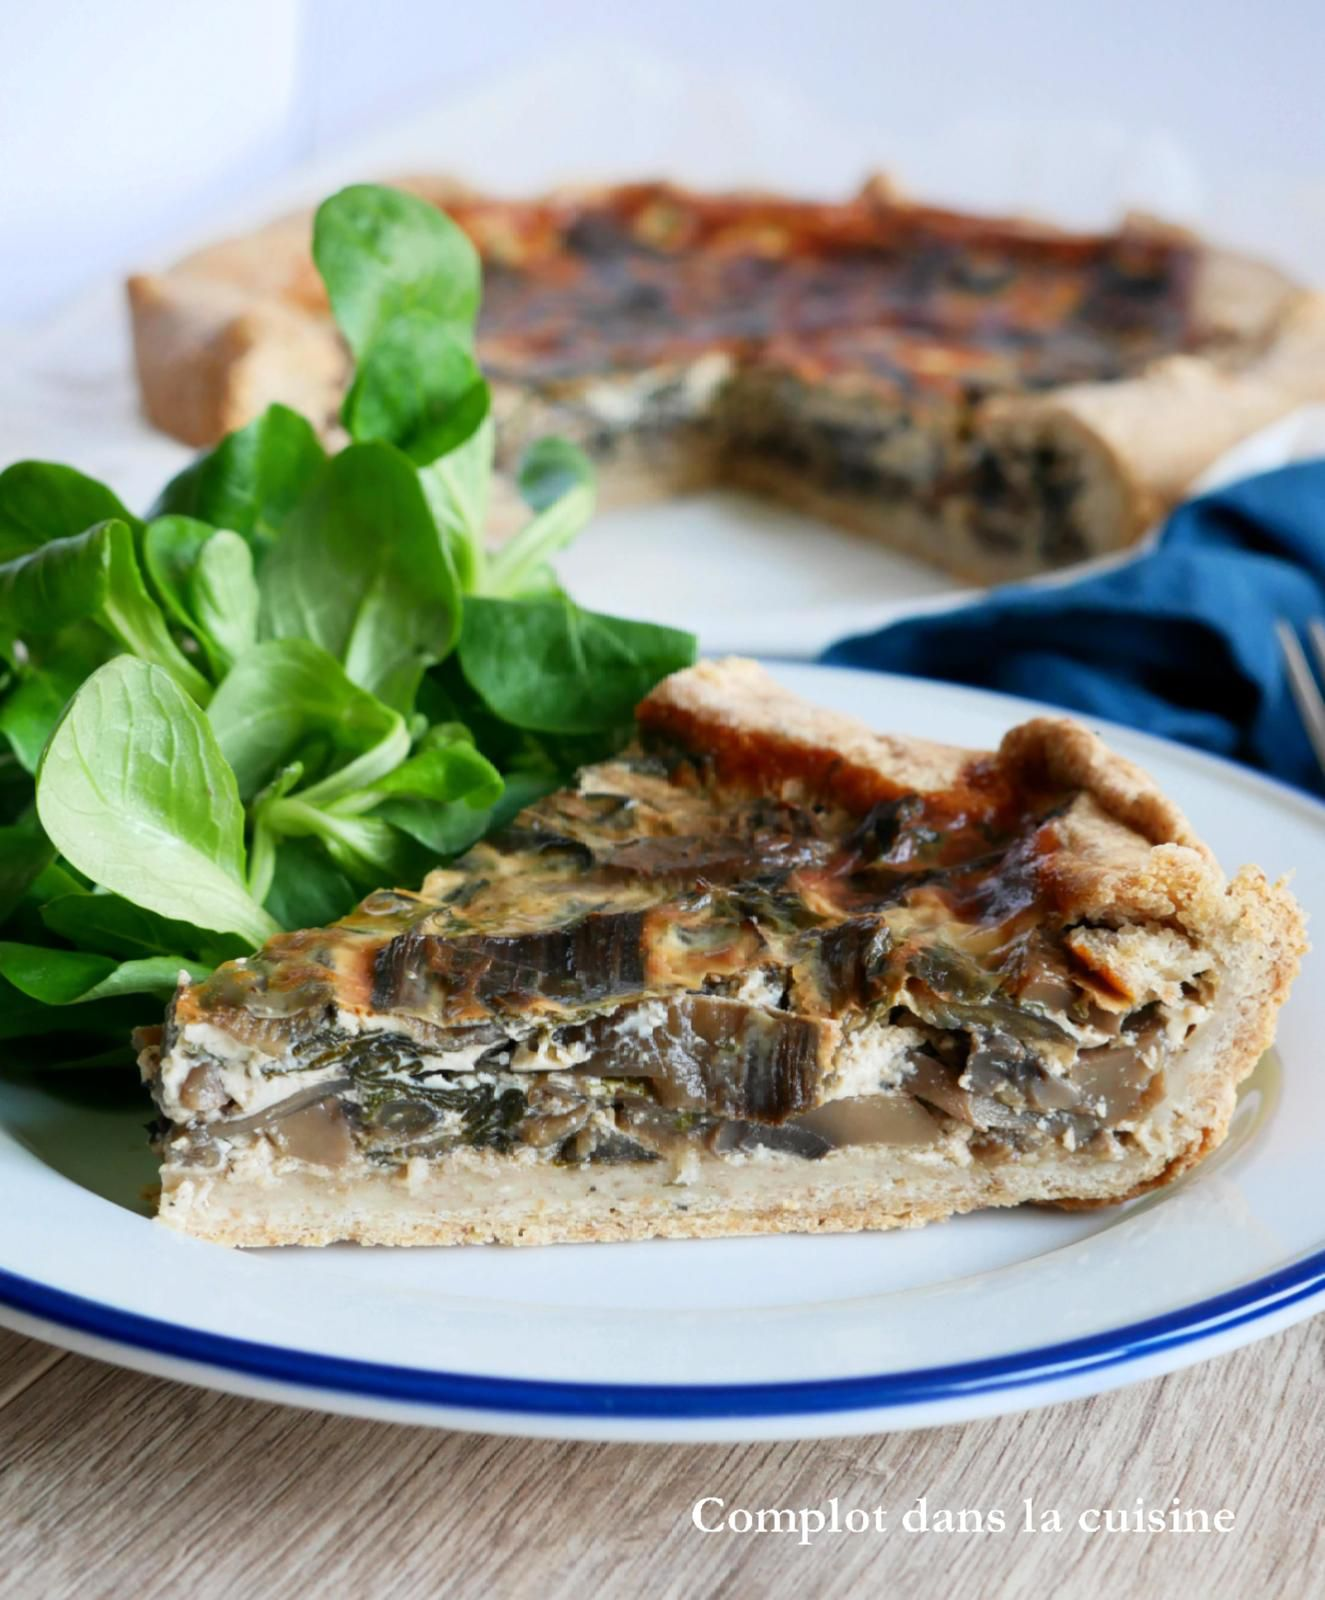 Tarte aux blettes et aux champignons – Vegetables lovers